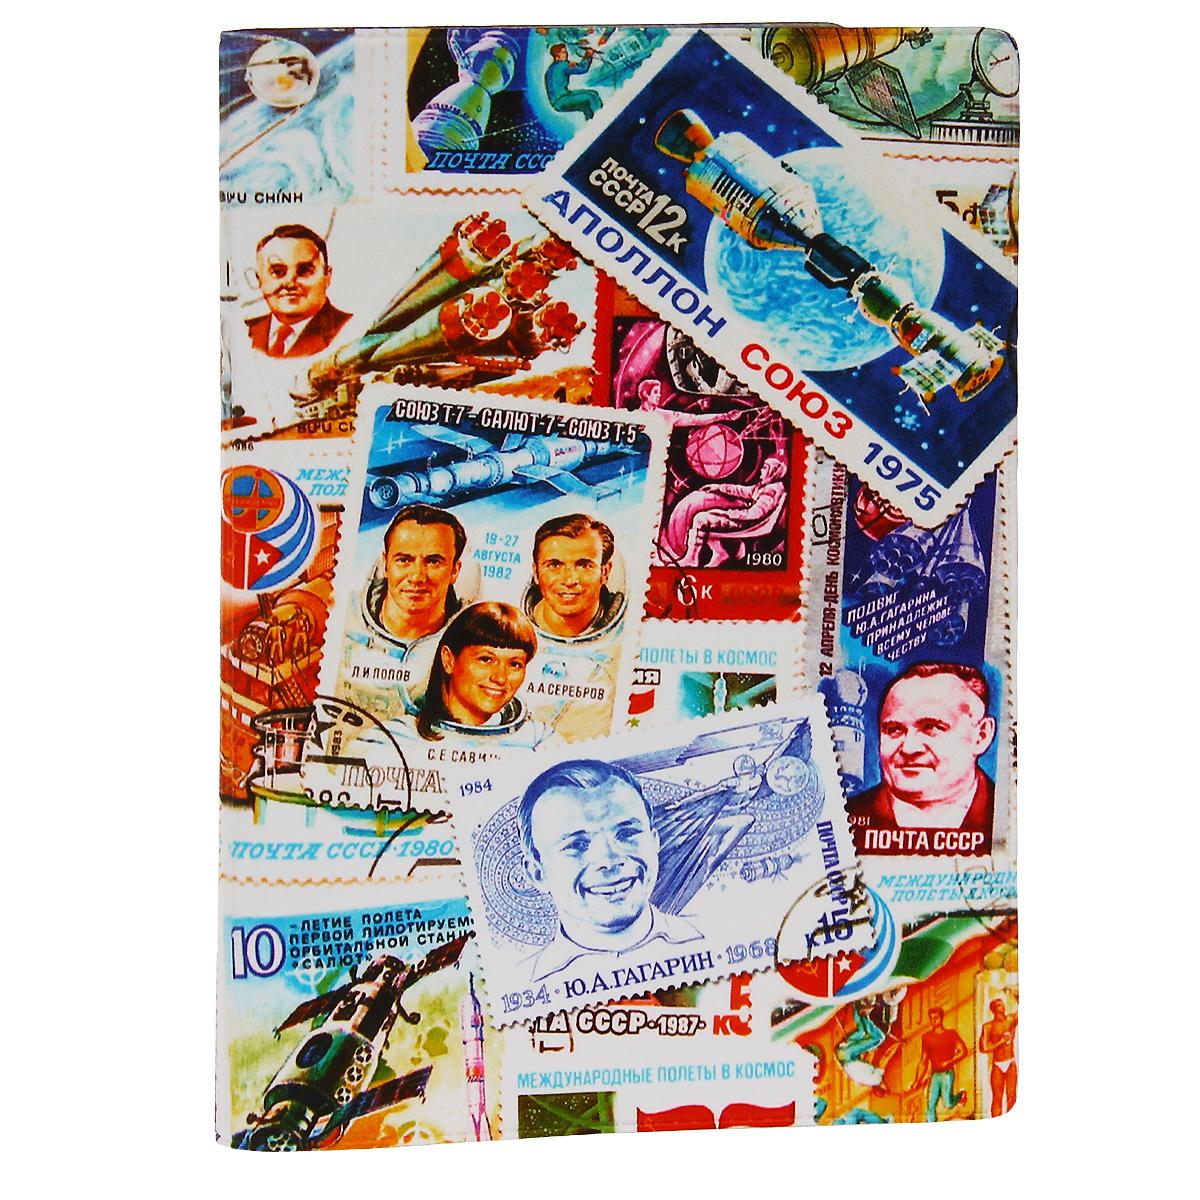 Обложка для автодокументов Космос (марки). AUTOZAM287AUTOZAM287Обложка для автодокументов Mitya Veselkov Космос. Марки изготовлена из прочного ПВХ и оформлена изображениями почтовых марок с космической тематикой. На внутреннем развороте имеются съемный блок из шести прозрачных файлов из мягкого пластика для водительских документов, один из которых формата А5, а также два боковых кармашка для визиток или банковских карт.Стильная обложка не только поможет сохранить внешний вид ваших документов и защитит их от грязи и пыли, но и станет аксессуаром, который подчеркнет вашу яркую индивидуальность.